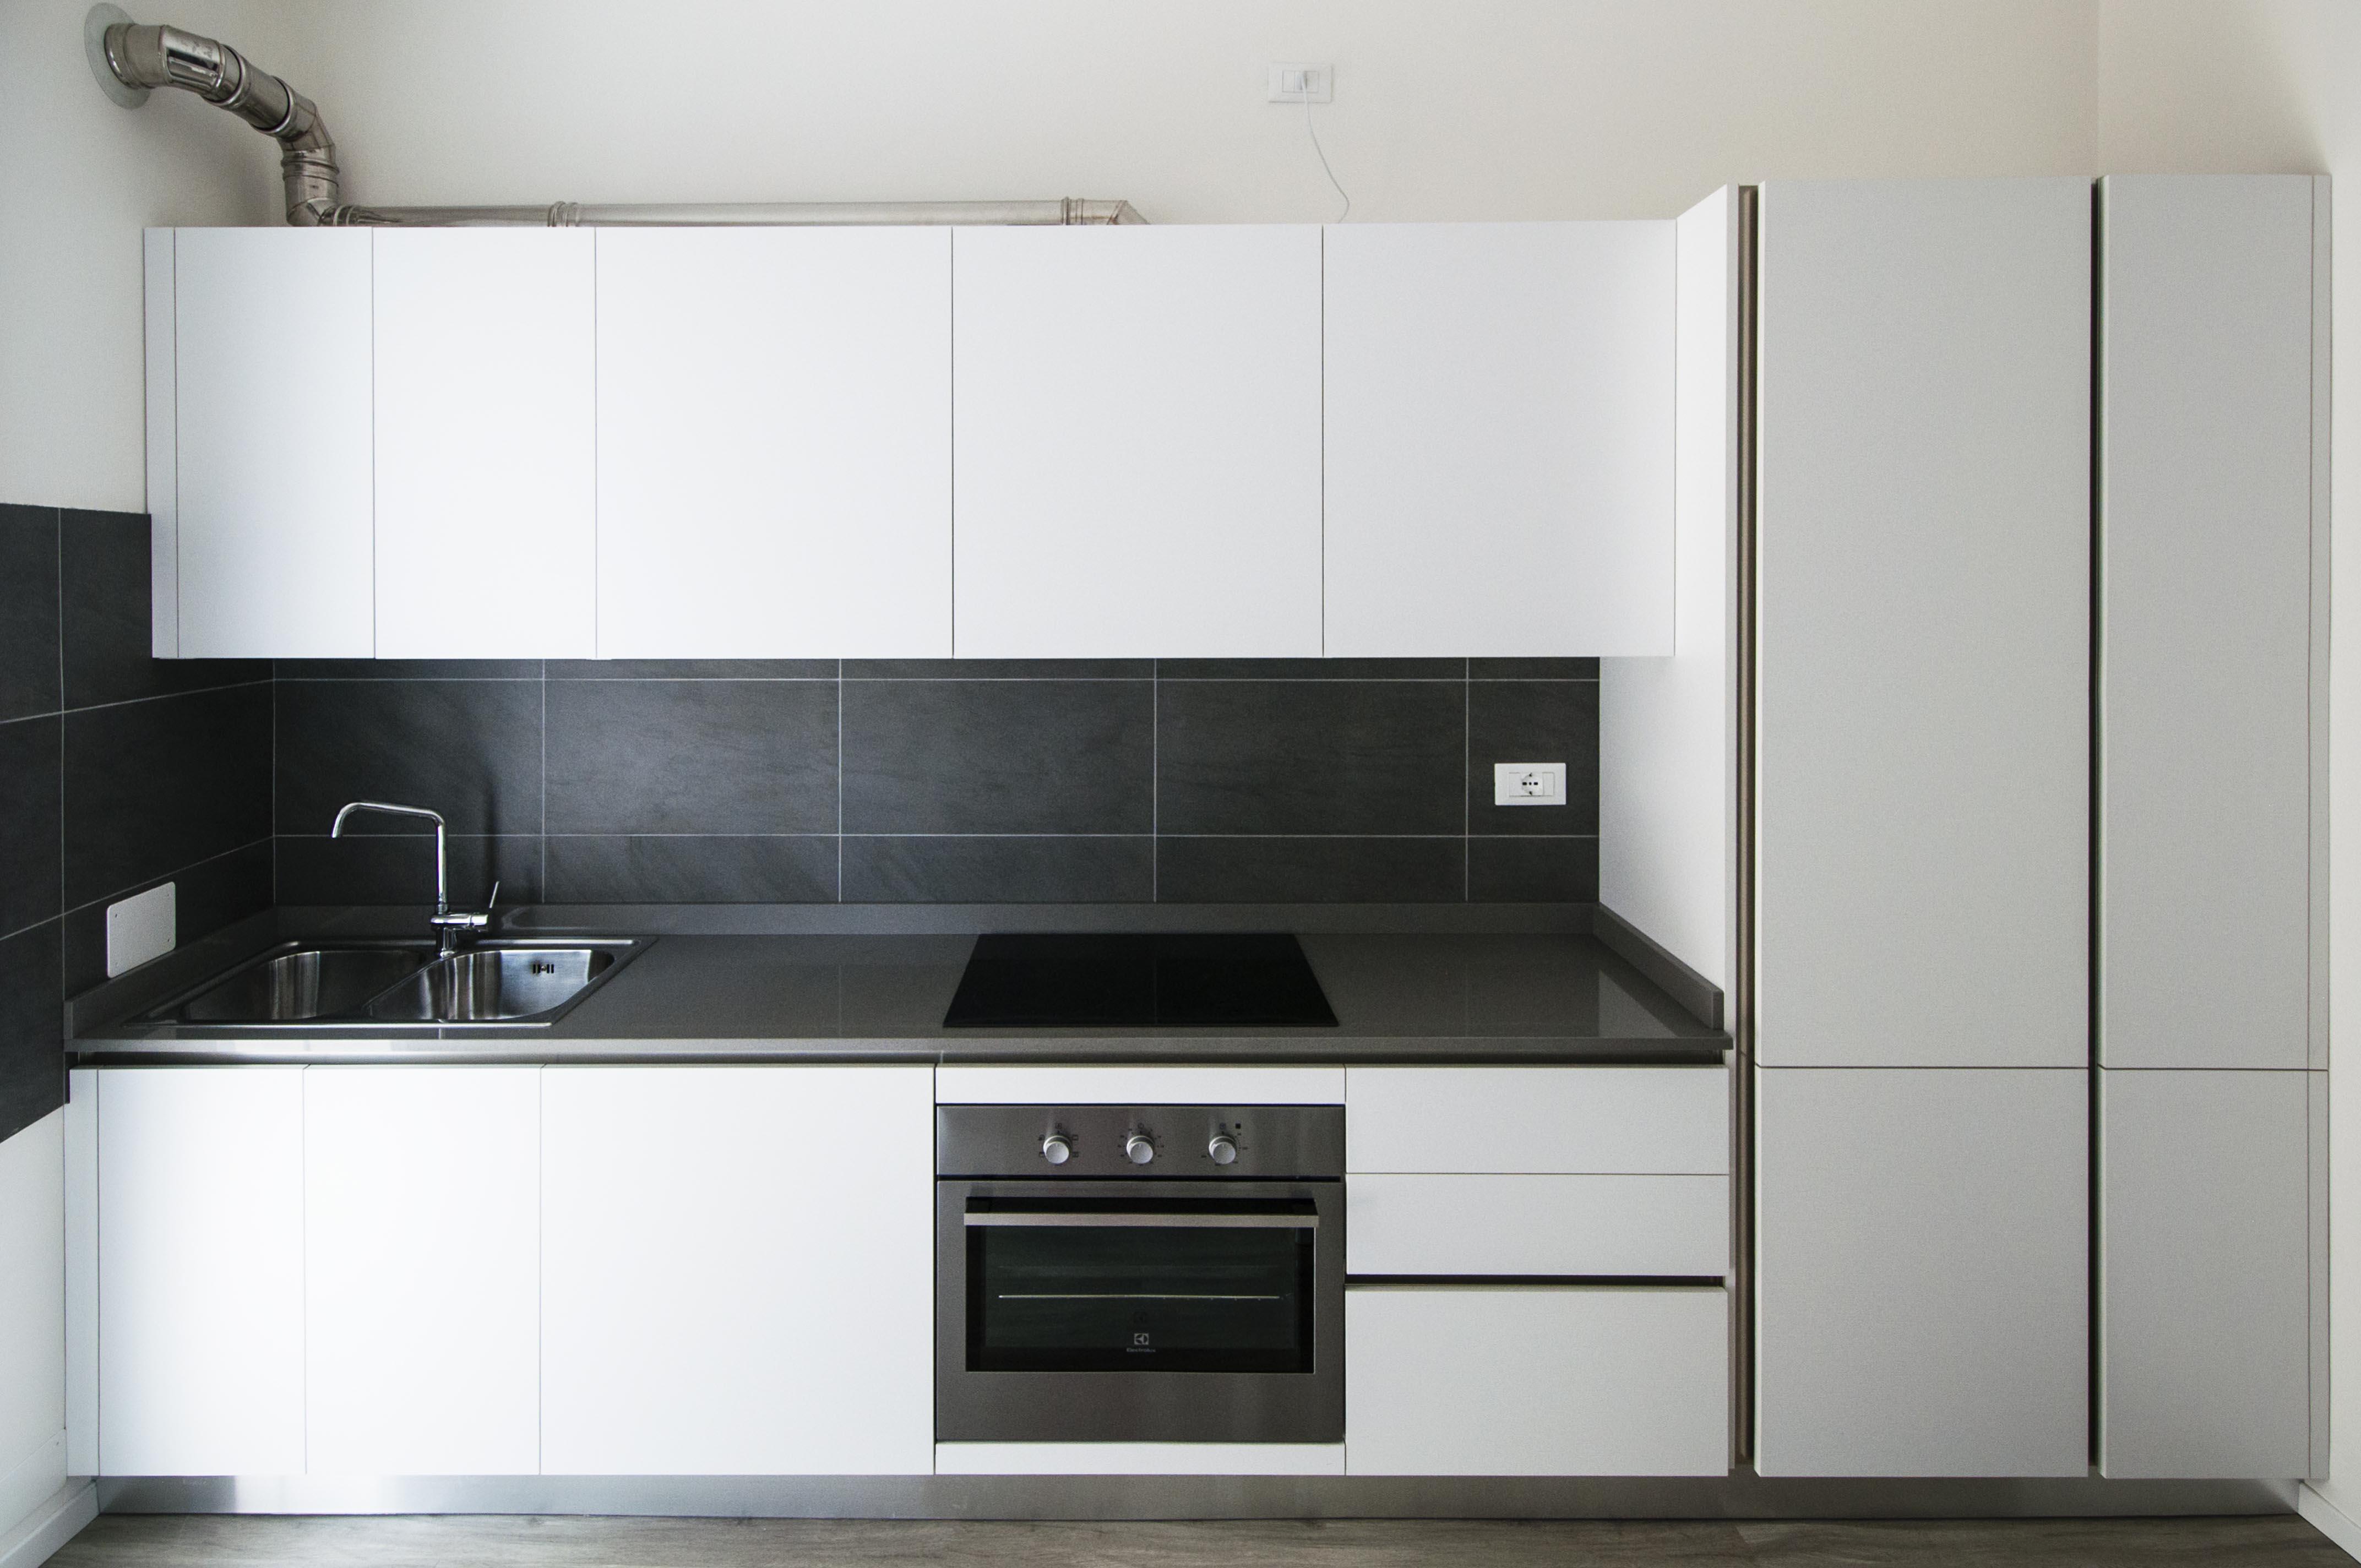 Camere in Affitto Treviso - Studio Architettura Zanatta 03